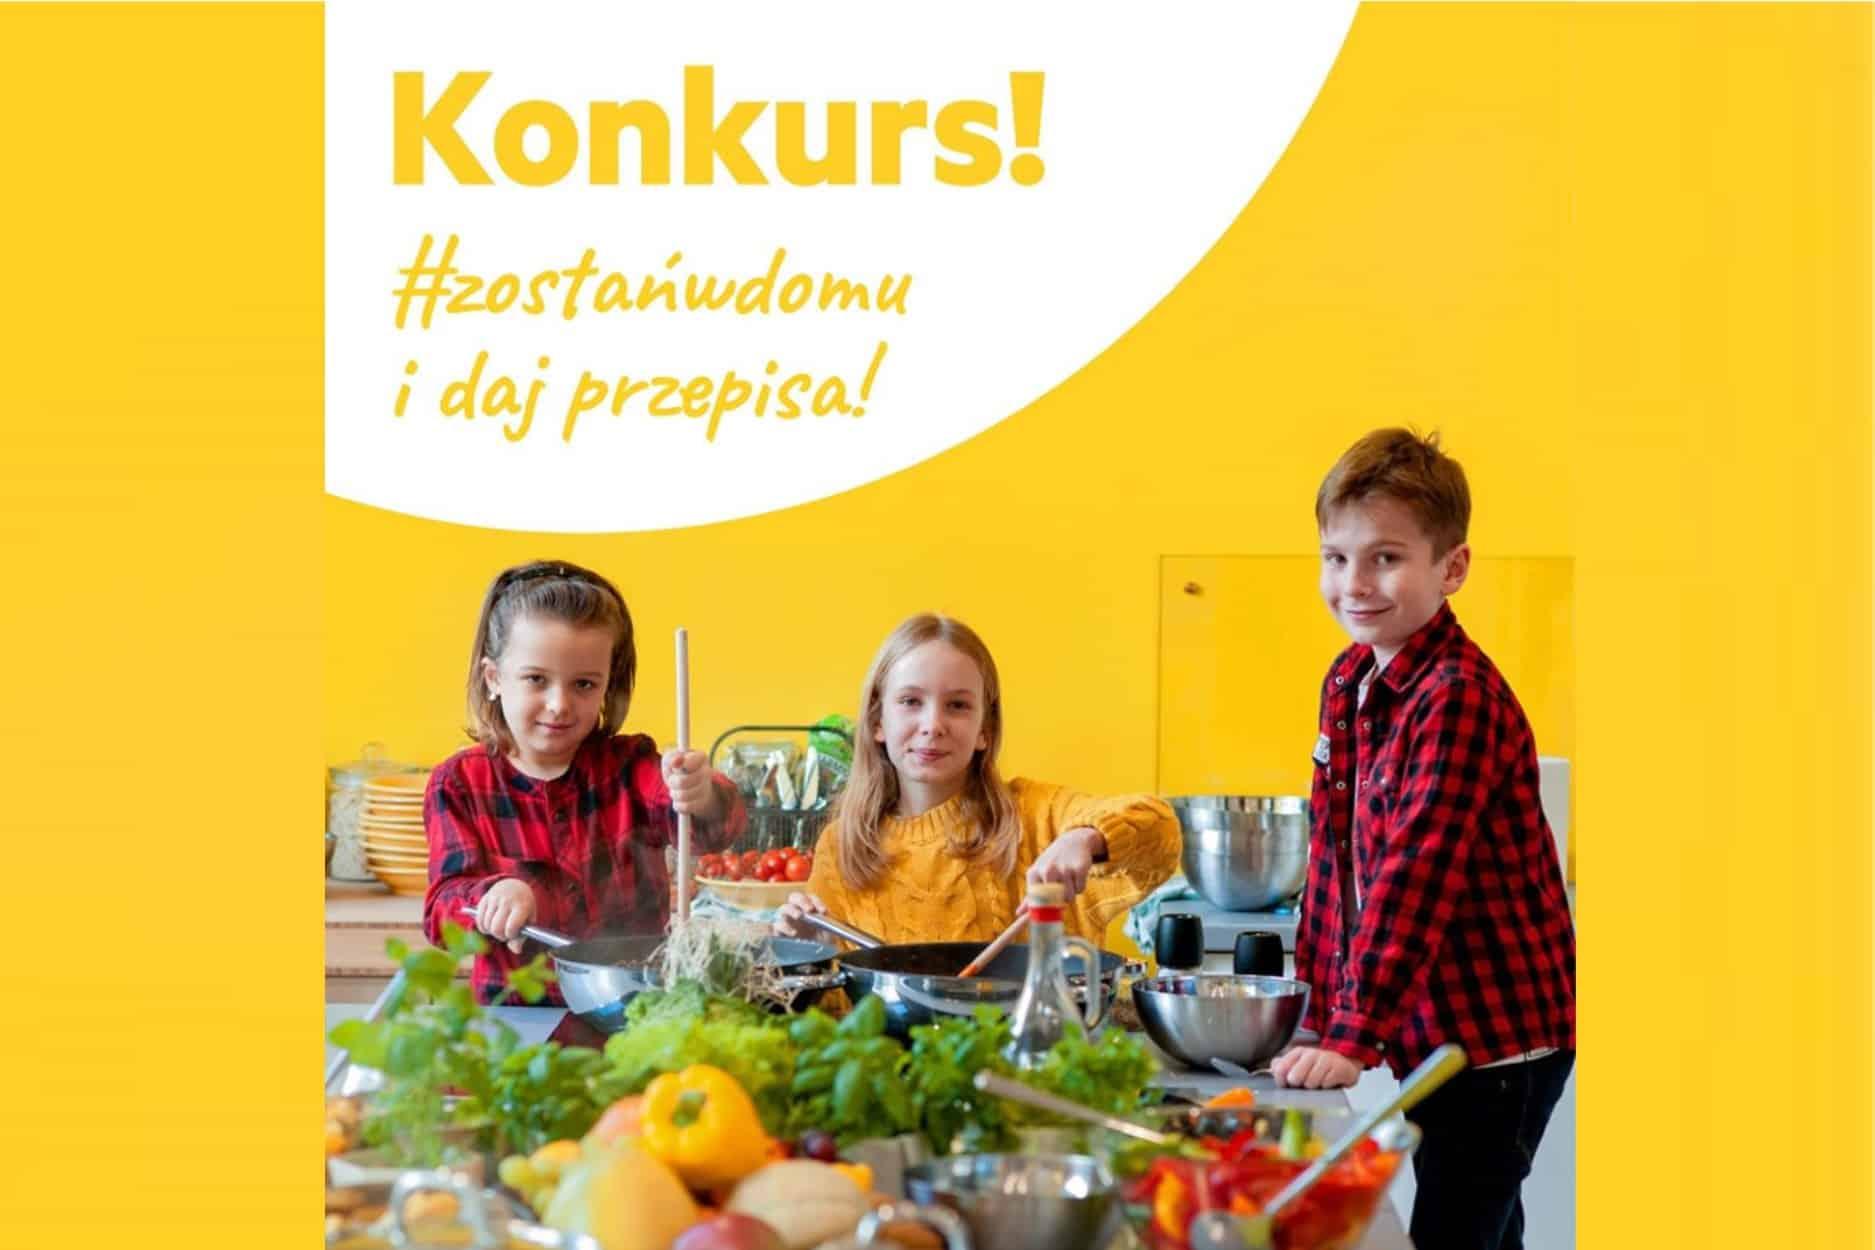 Zostań w domu i daj przepisa | granty.pl – portal o dotacjach